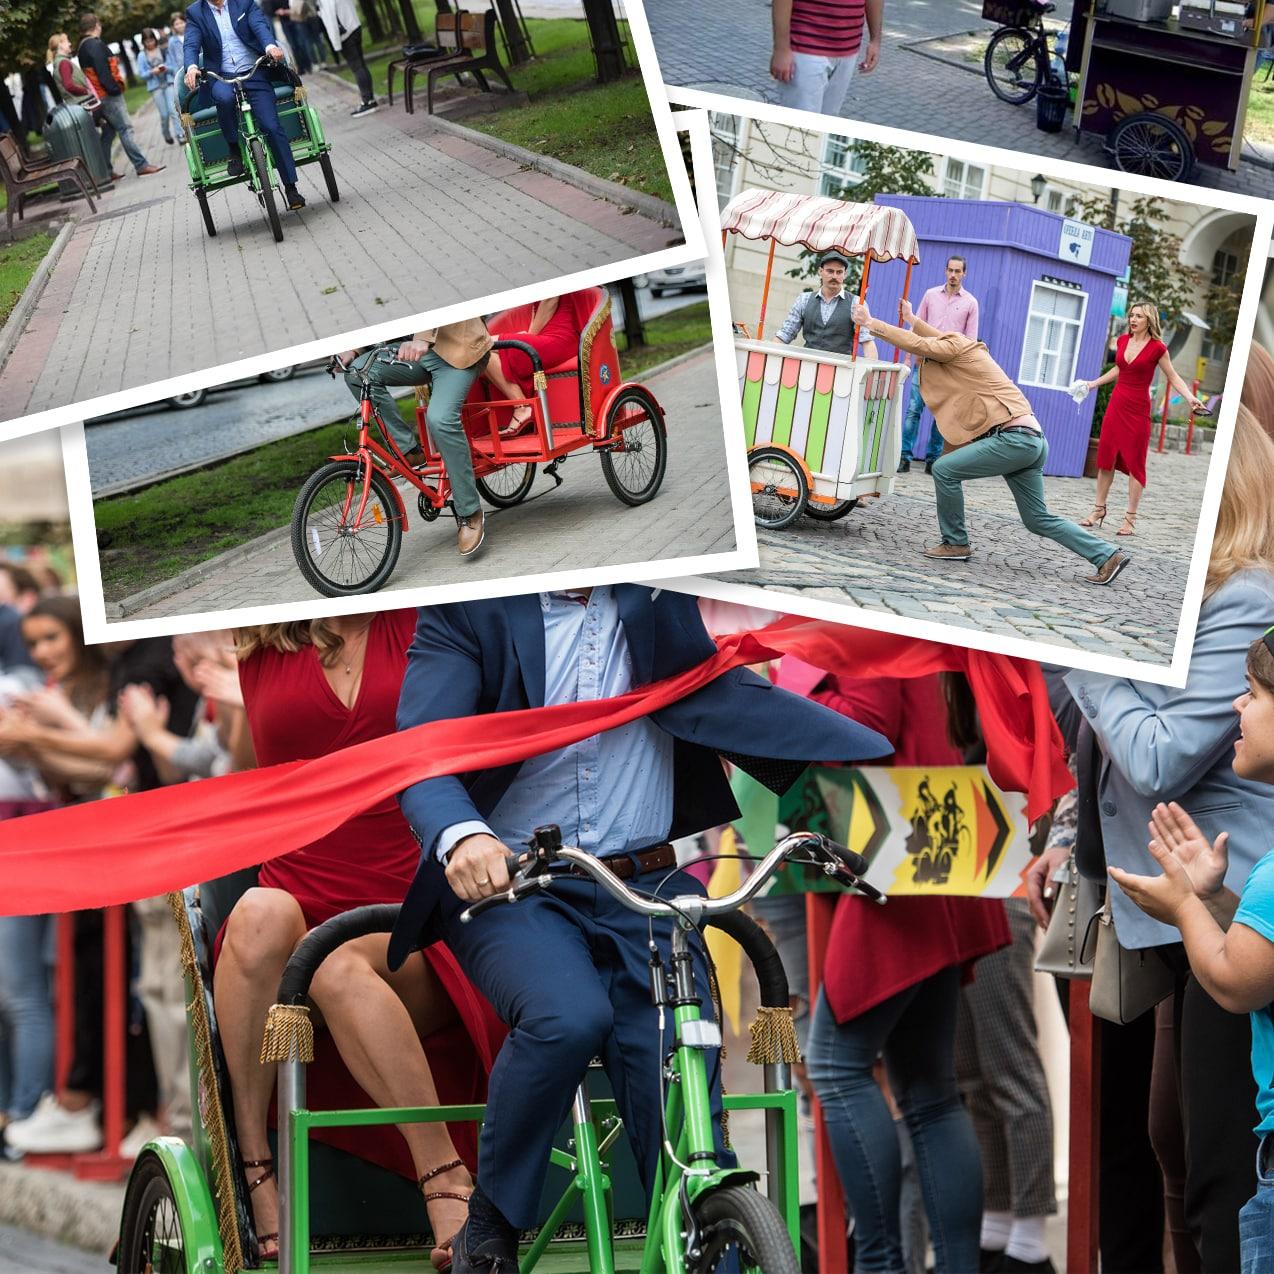 trehkolesnie-velosipedi-dlya-vzroslih